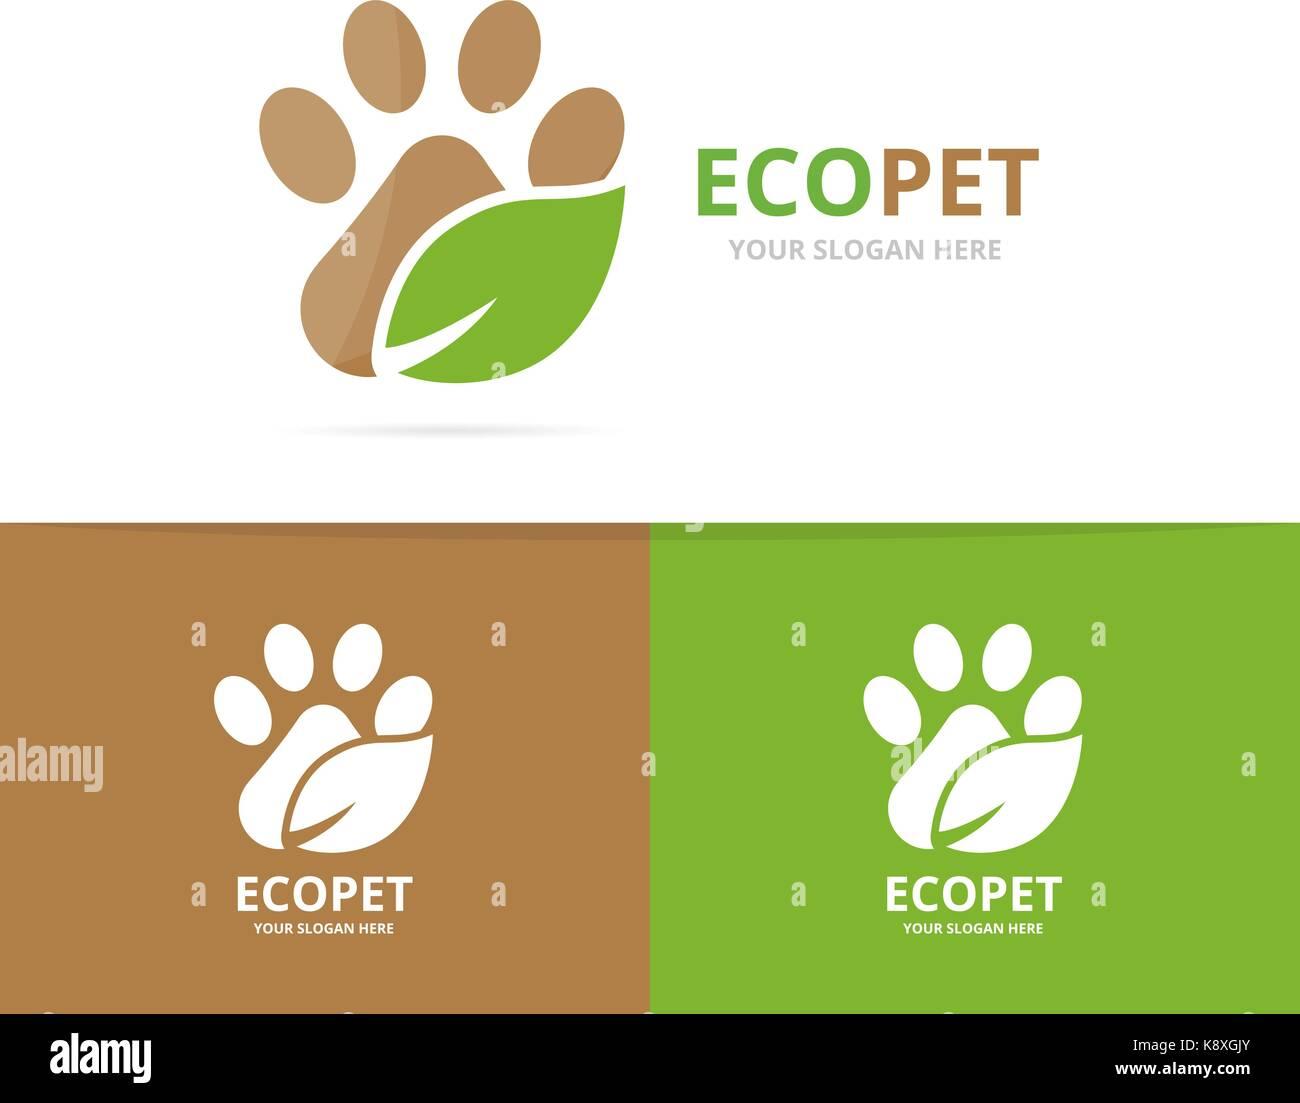 Service Animal Logo Imágenes De Stock & Service Animal Logo Fotos De ...